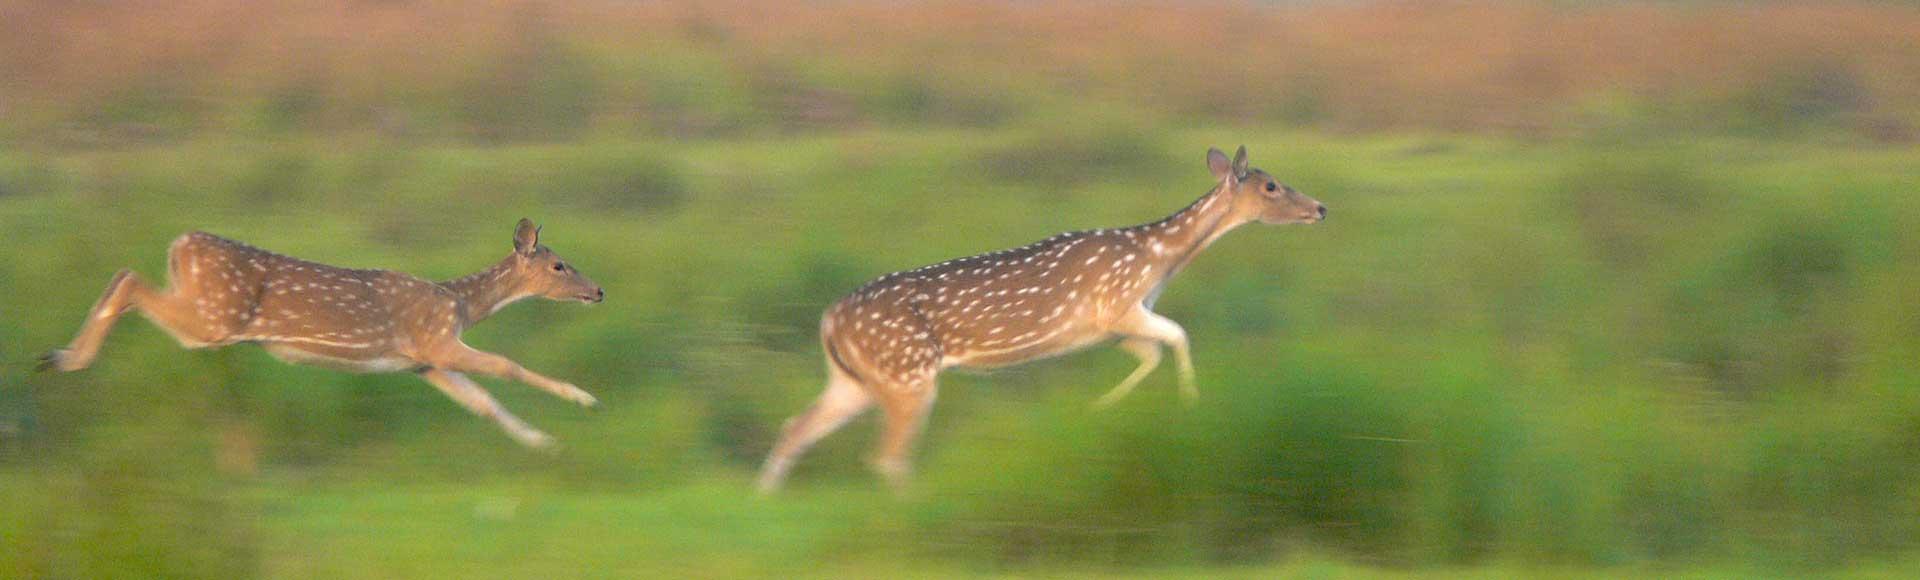 deer-banner-slim